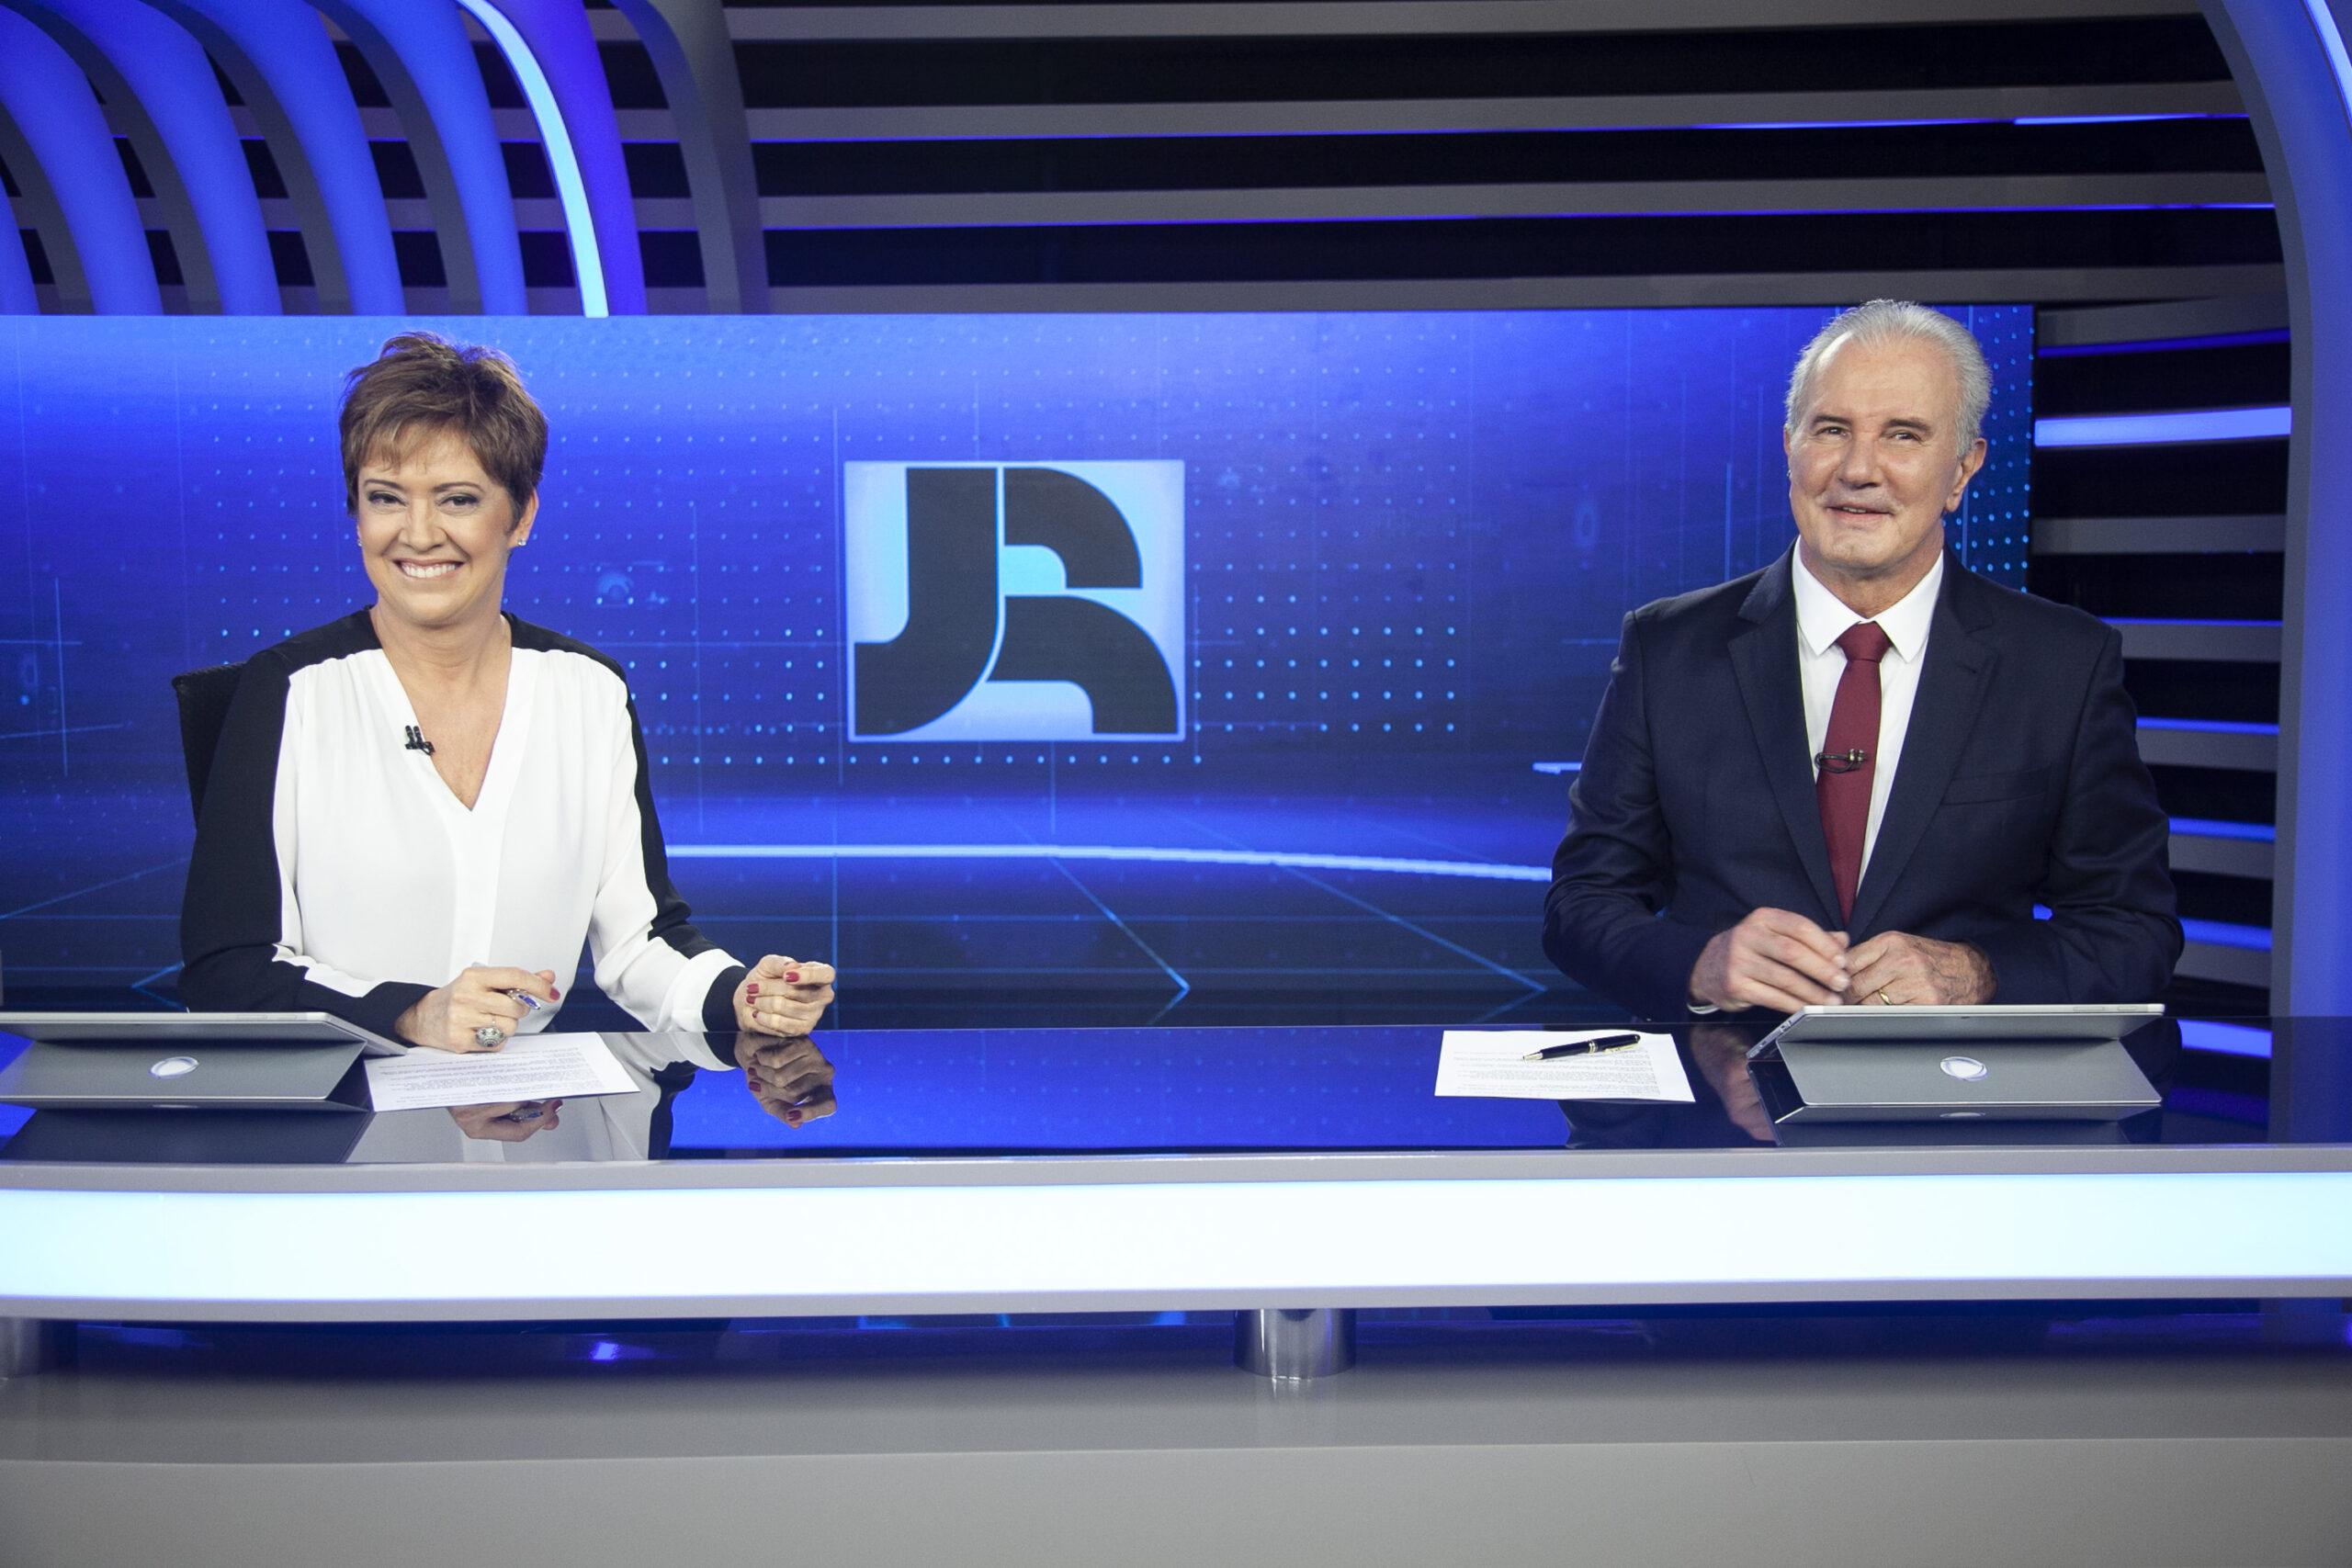 Jornalismo da Record TV é finalista em duas categorias de prêmios internacionais